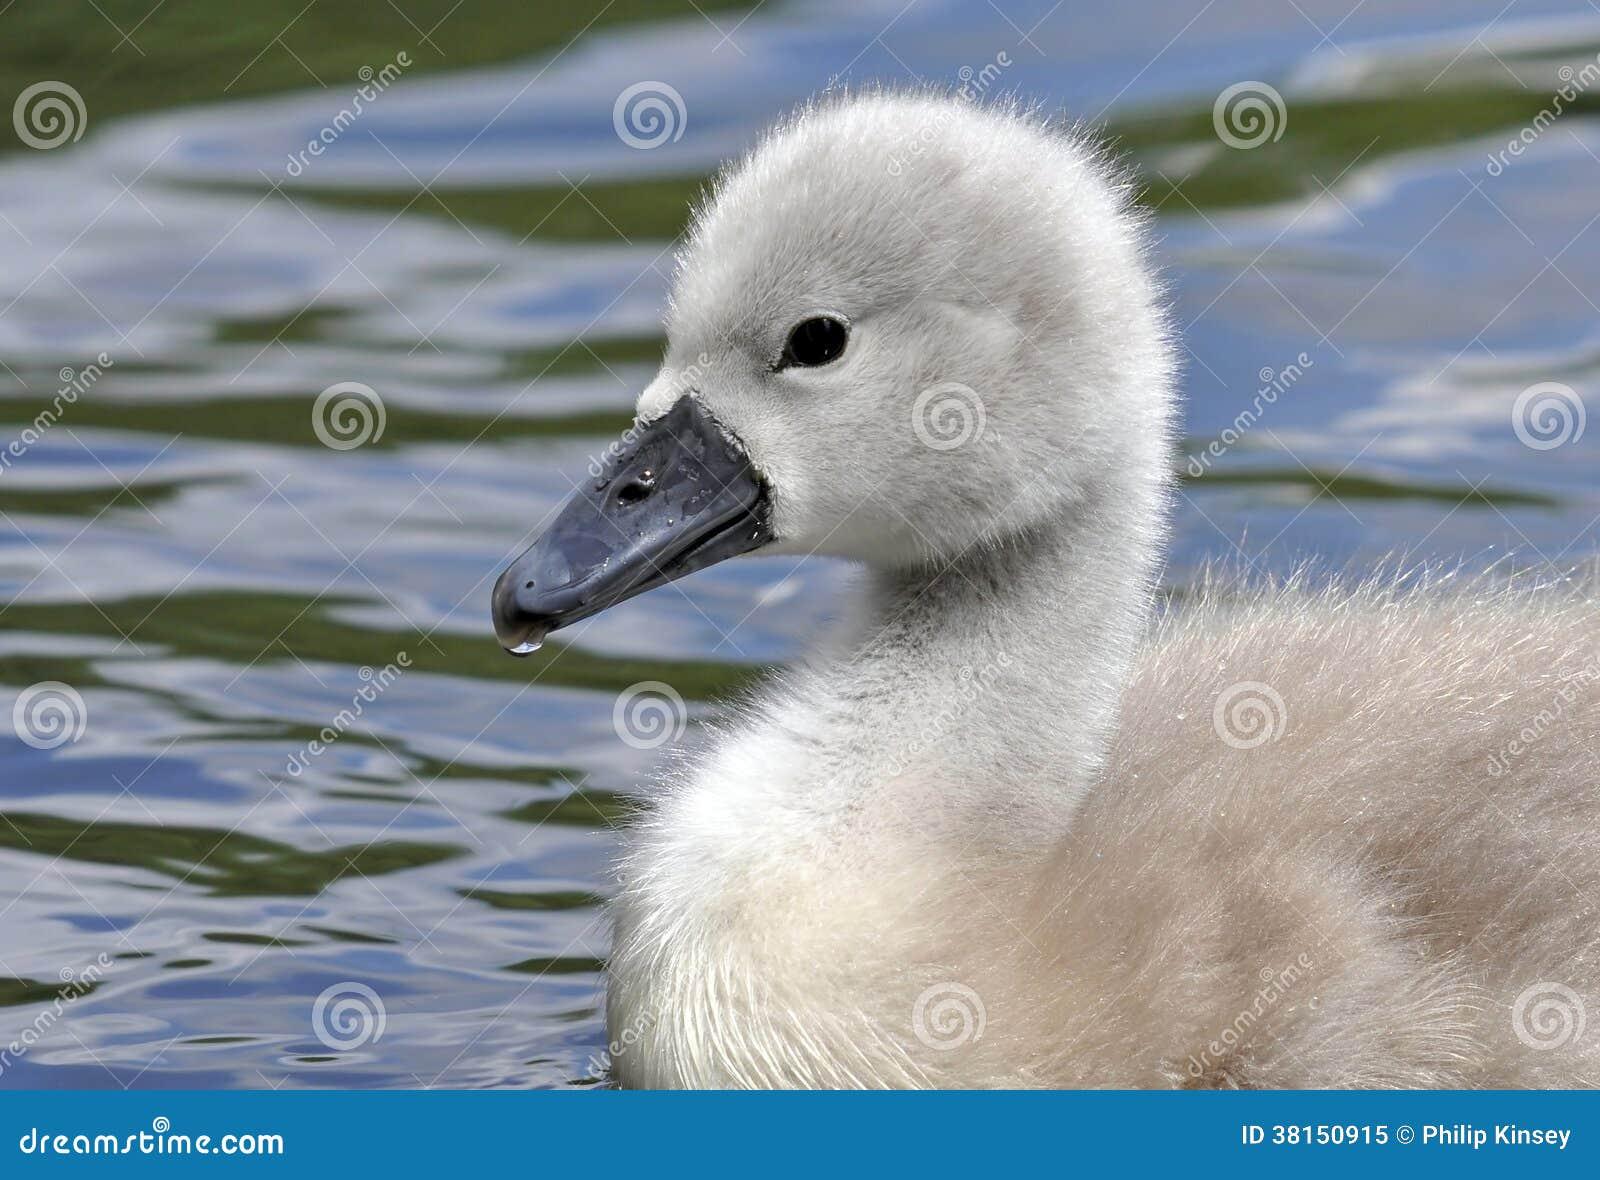 年轻疣鼻天鹅小鸡